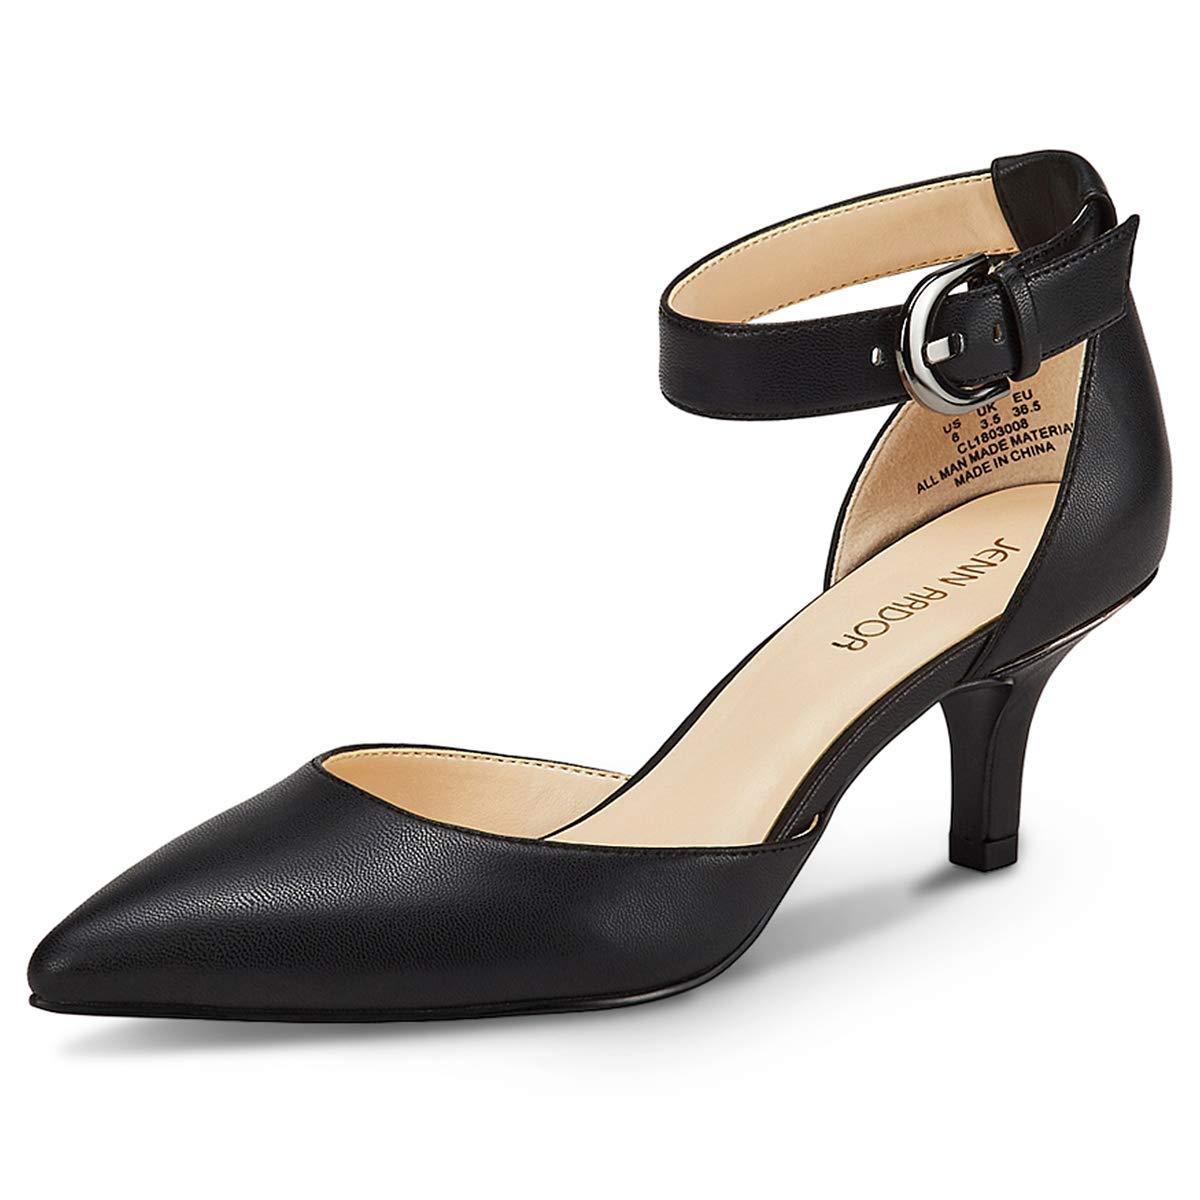 Scarpe Corte da Donna Scarpe col Tacco da Donna Scarpe da Donna con Tacco a Punta Chiuse per la Festa Nuziale